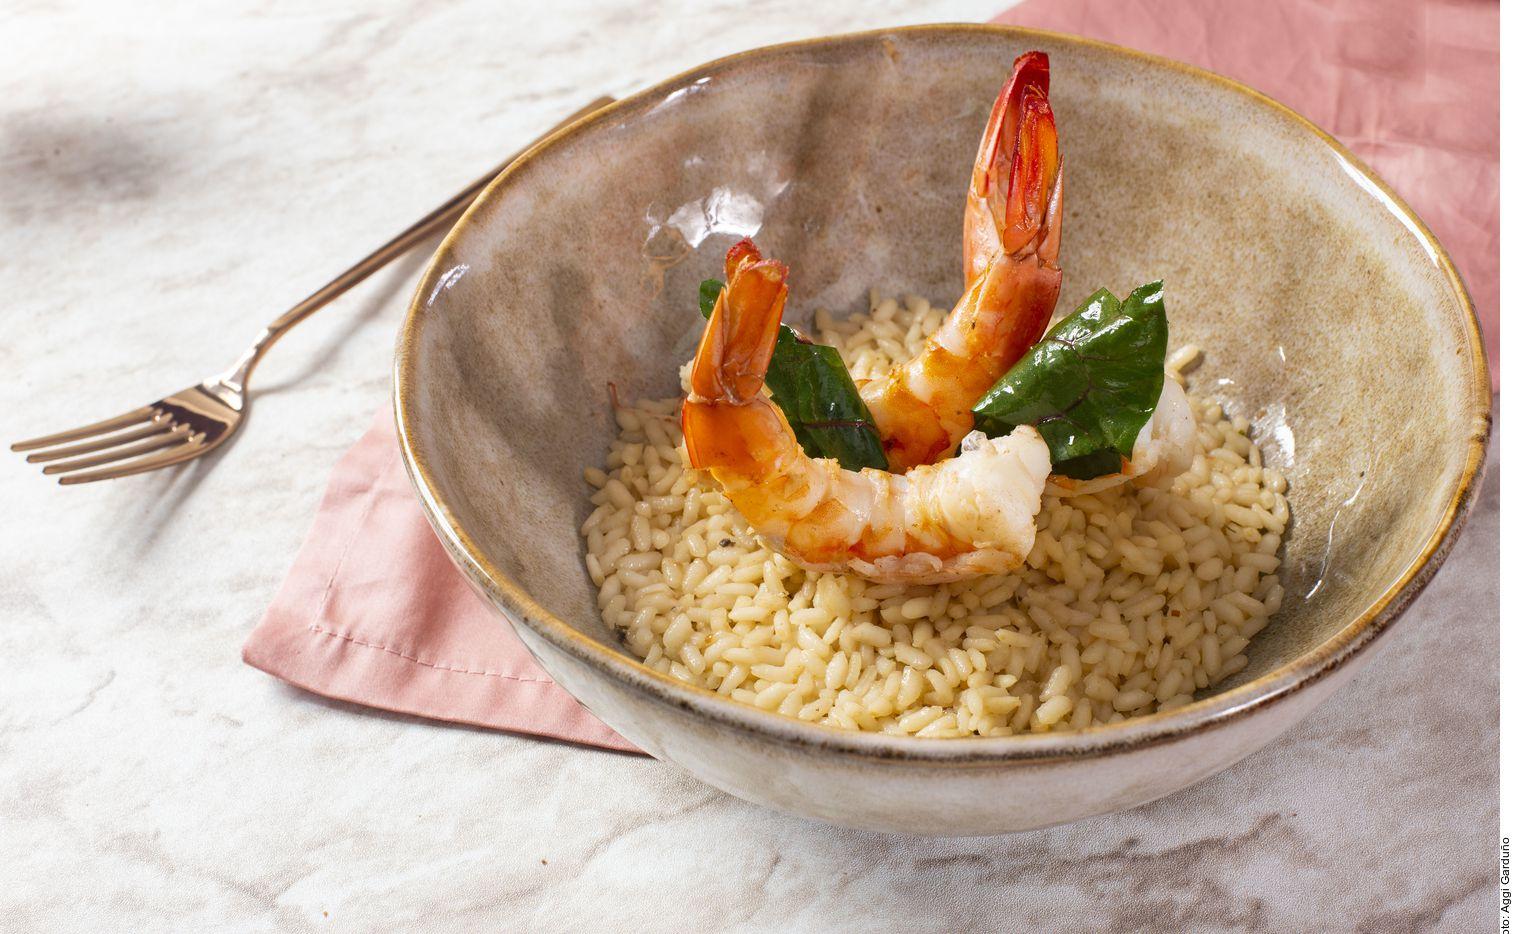 El risotto de camarón, acelgas y pulque se puede lograr al calentar el aceite. Acitronar la cebolla por 3 minutos. Agregar el ajo y el jengibre; dorar. Incorporar el arroz y sazonar. Mezclar todos los ingredientes y dorar un poco.